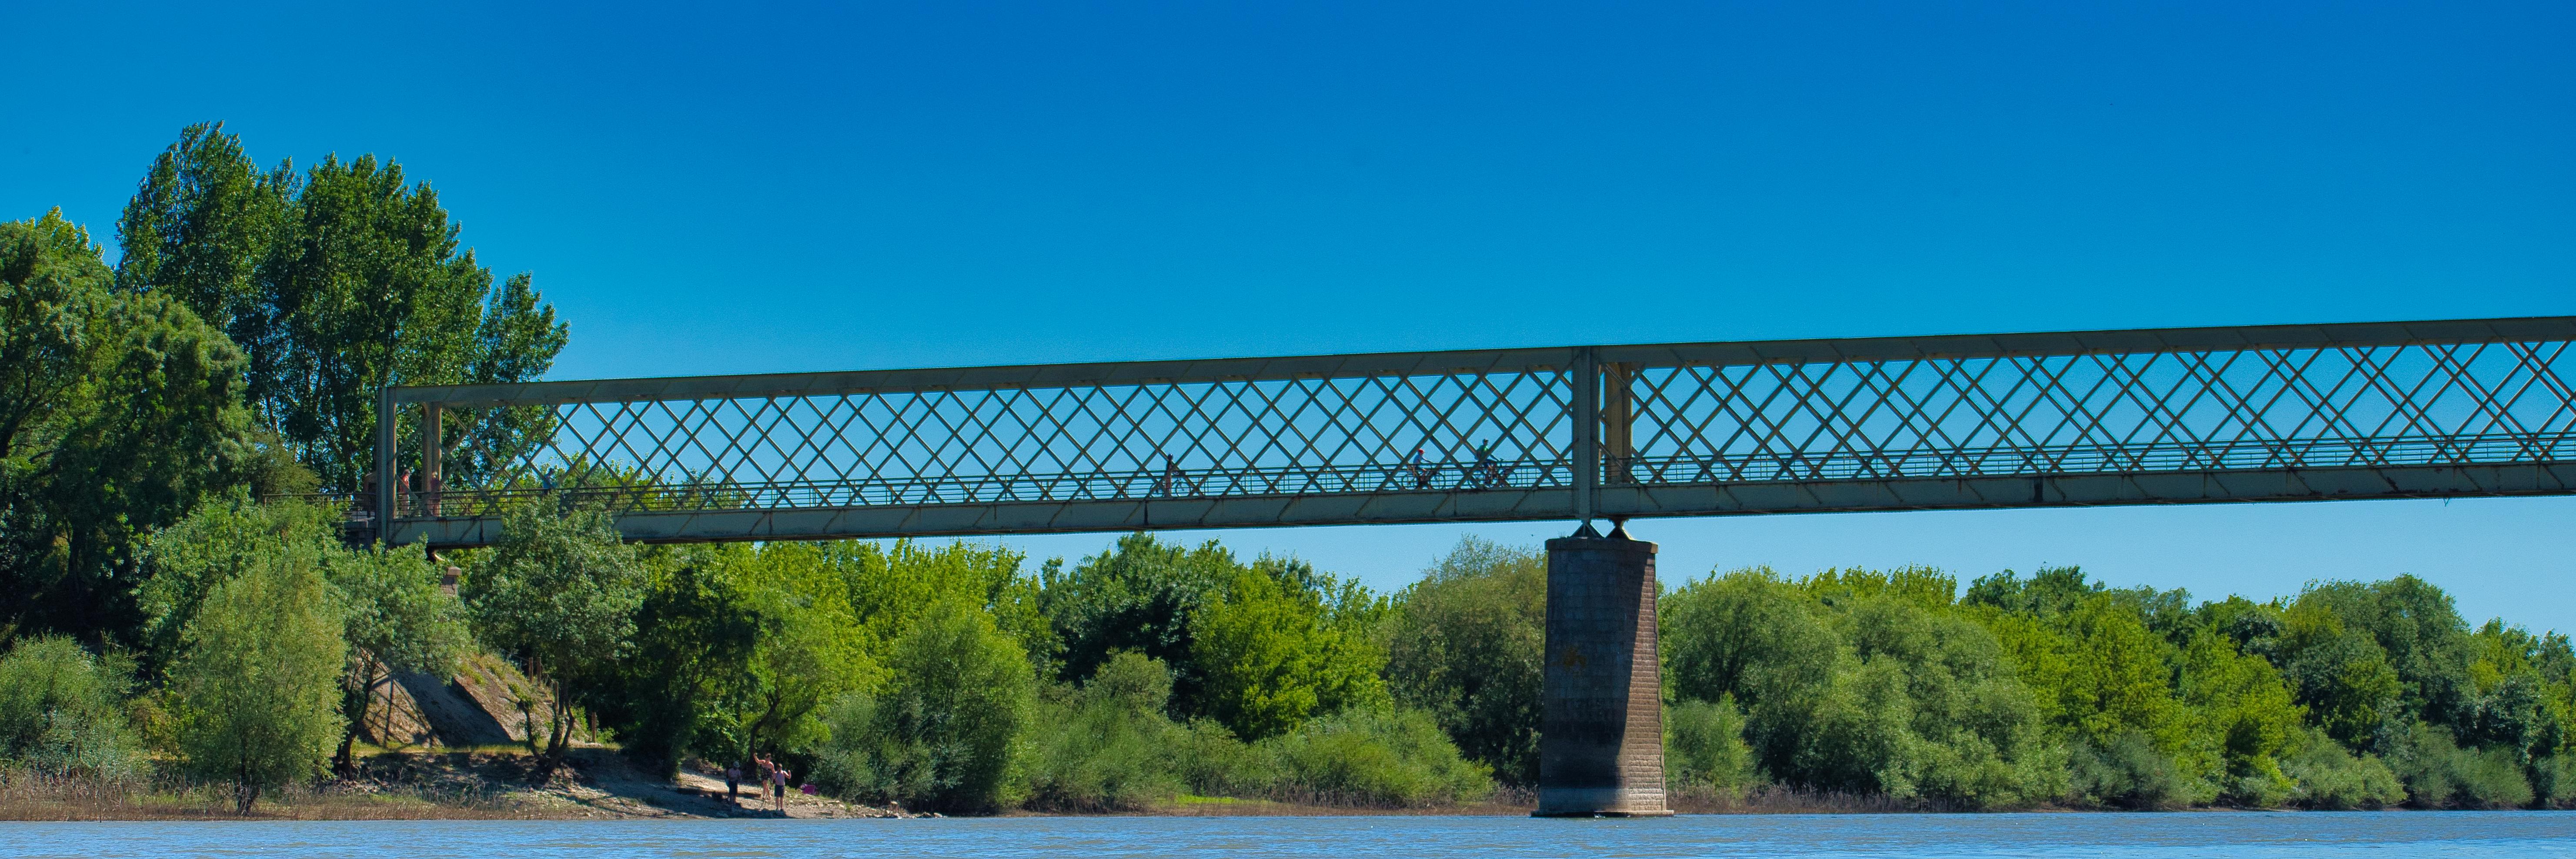 Pont de Pruniers, Bouchemaine